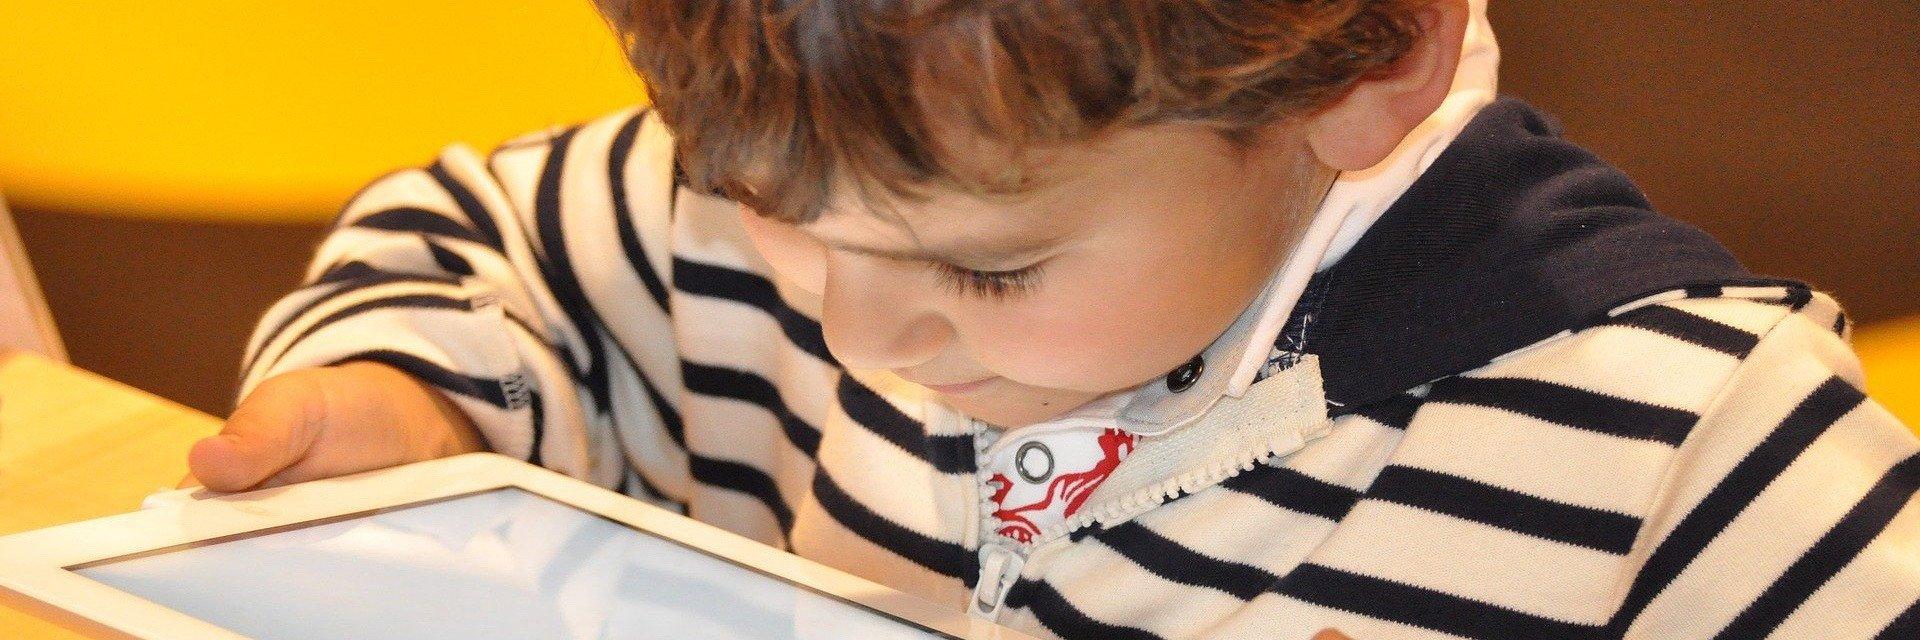 Bezpłatne lekcje angielskiego online dla dzieci od Tutlo